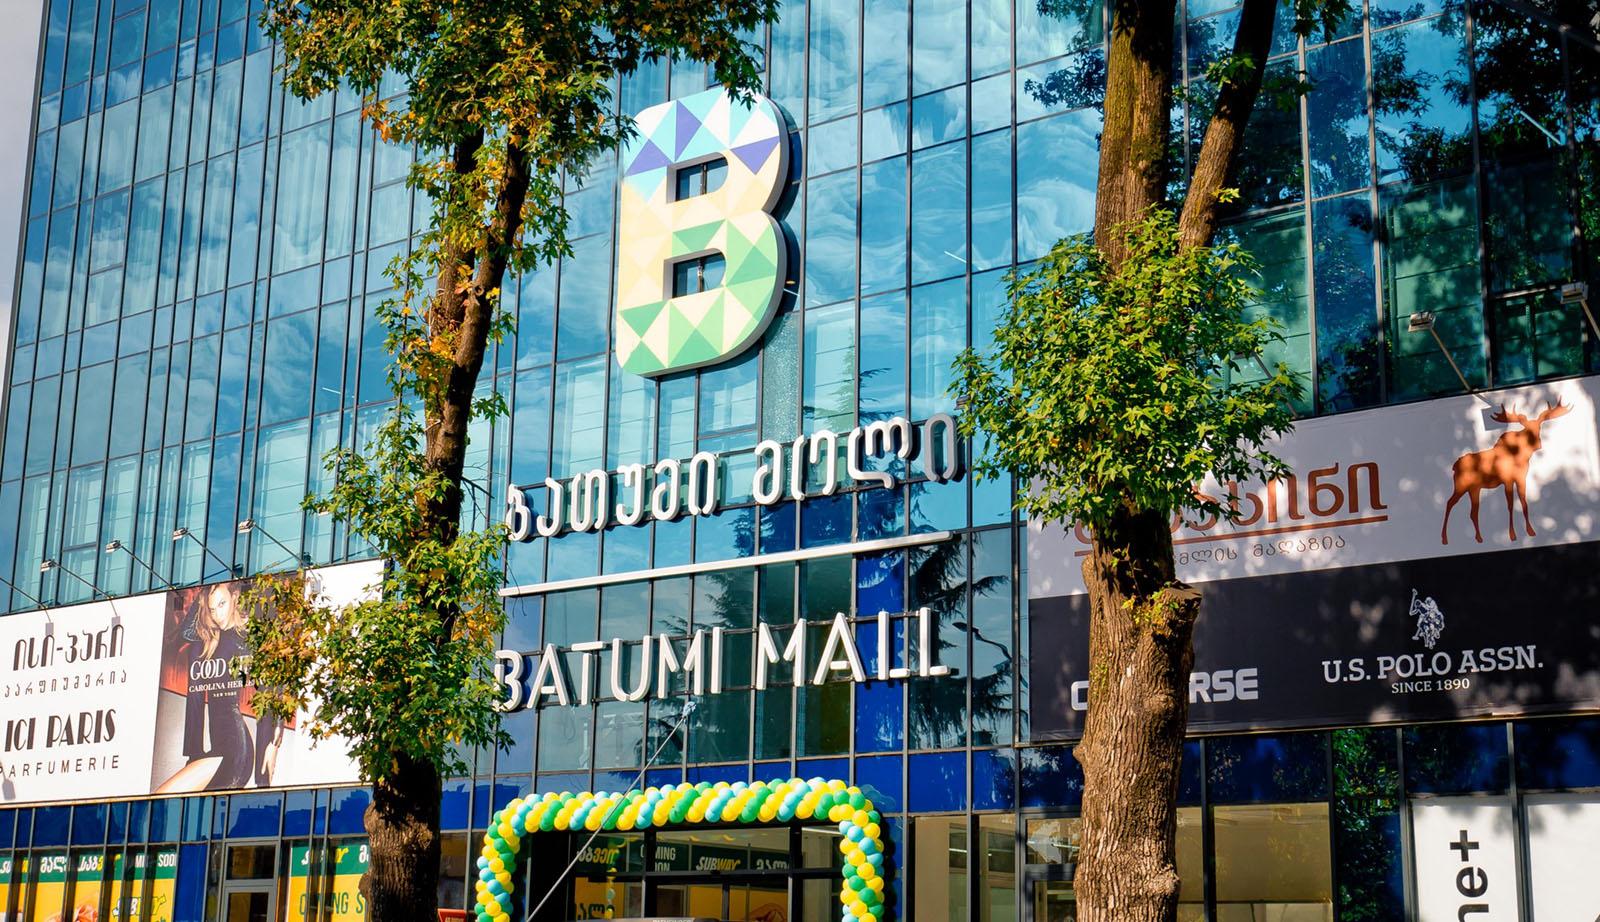 مناطق التسوق و المراكزالتجارية